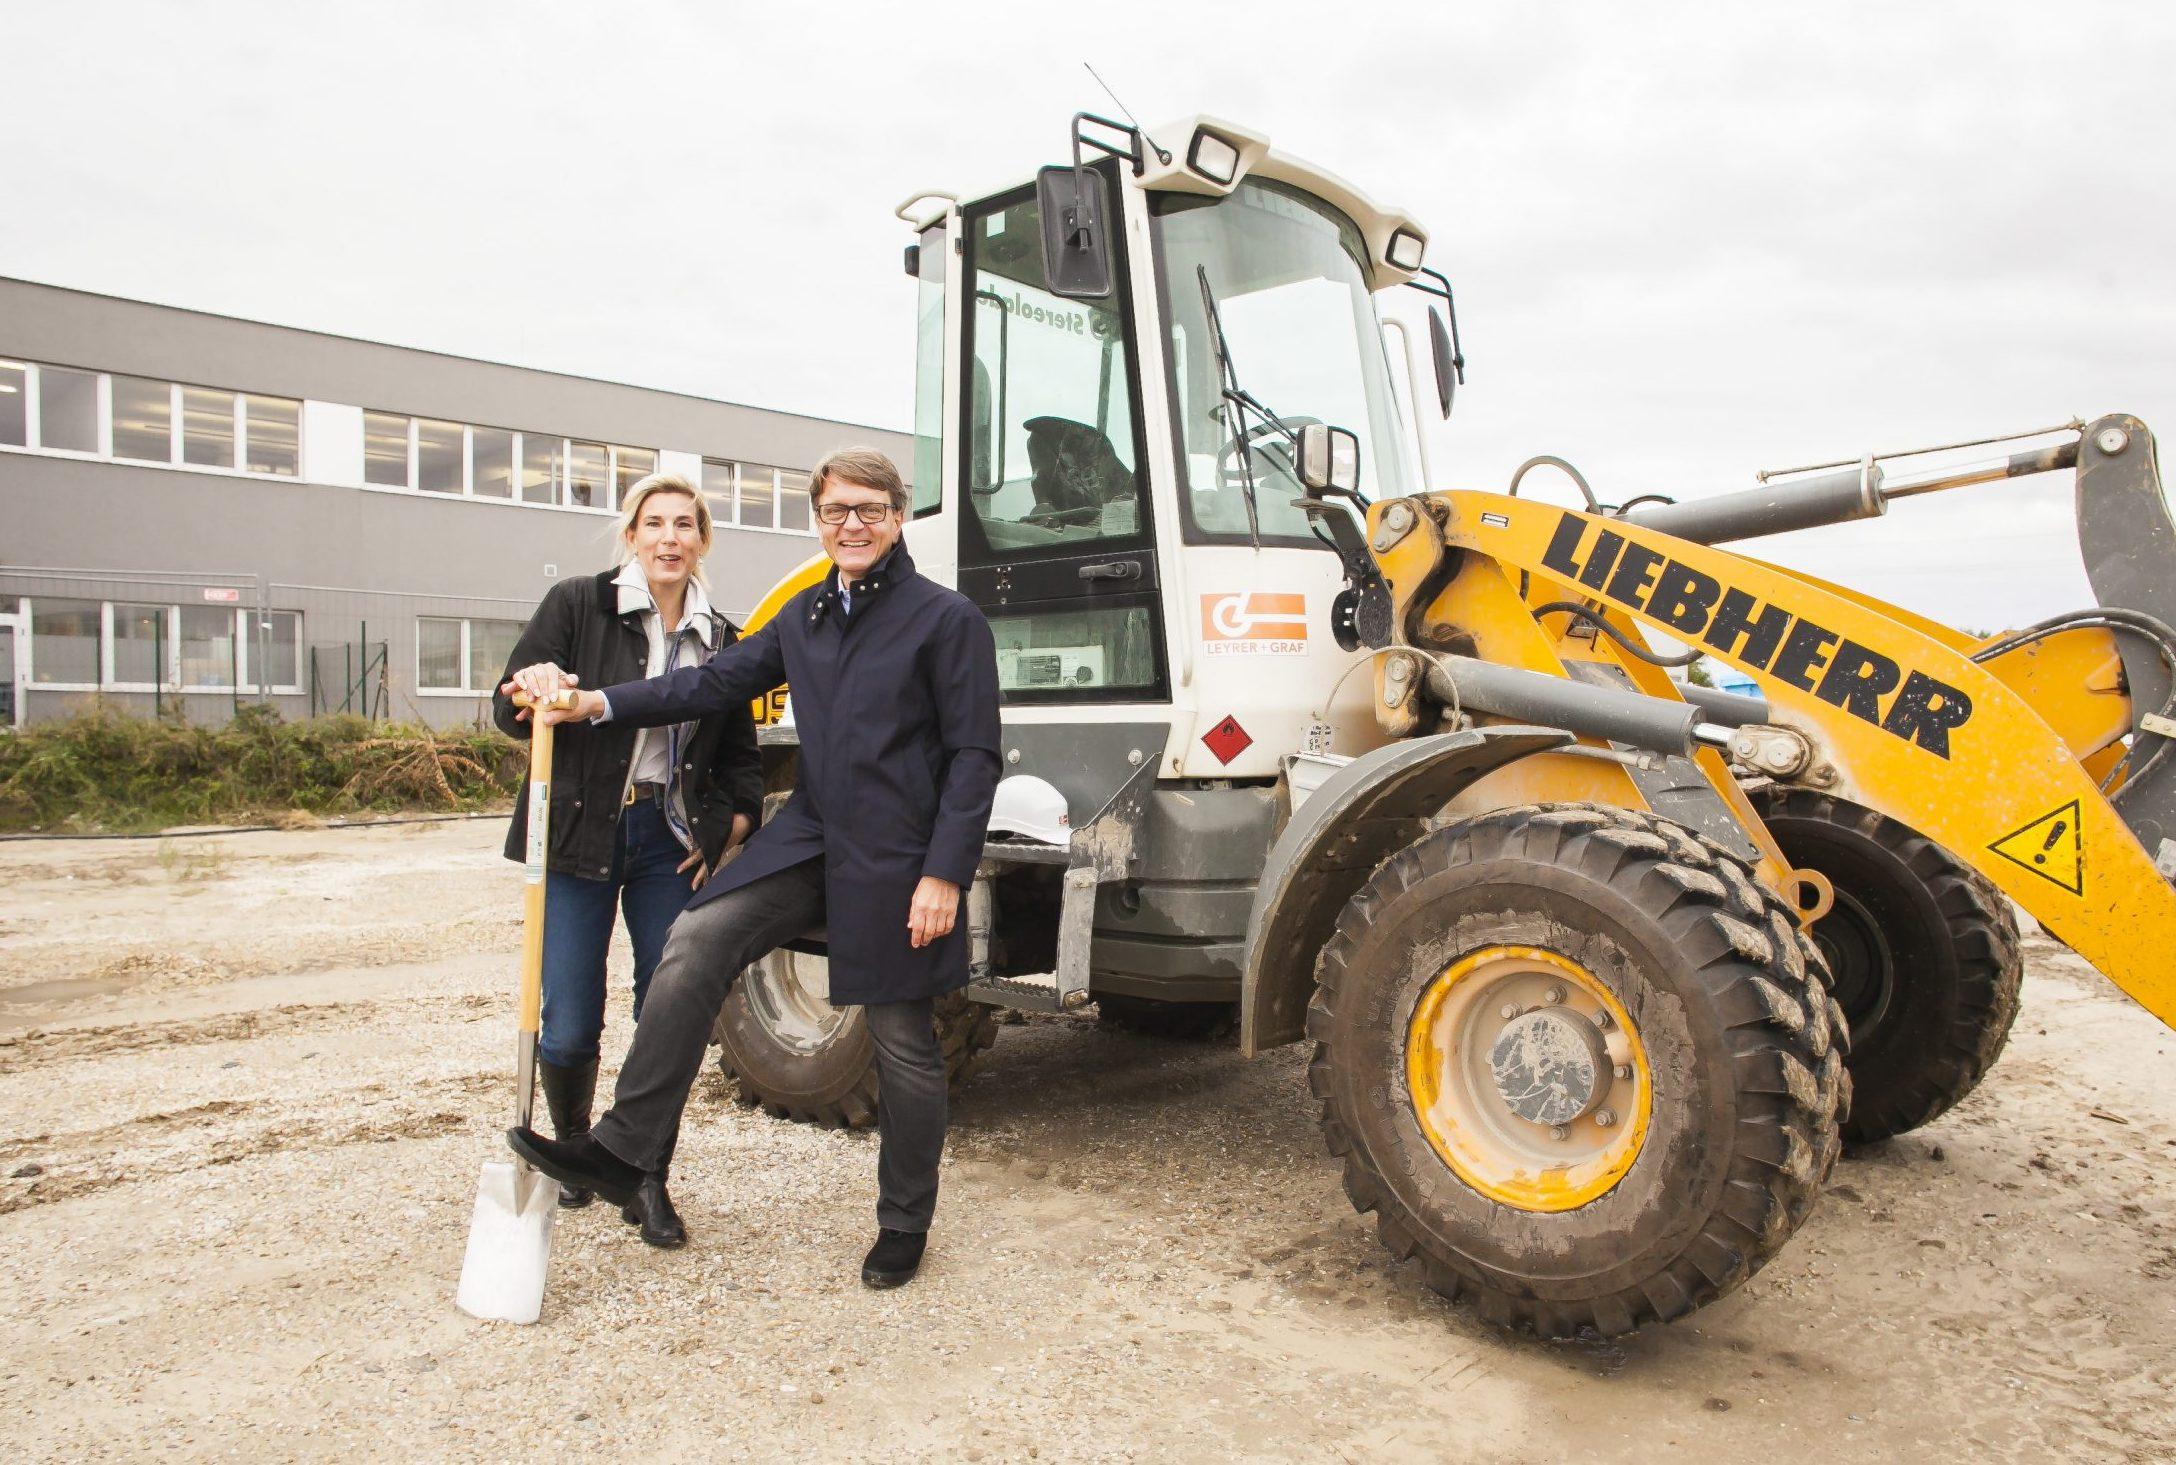 Spatenstich für das neue Bauvorhaben mit Mag. Isabella Keusch, MAS und Ing. Gernot Keusch in der Schillingstraße 4